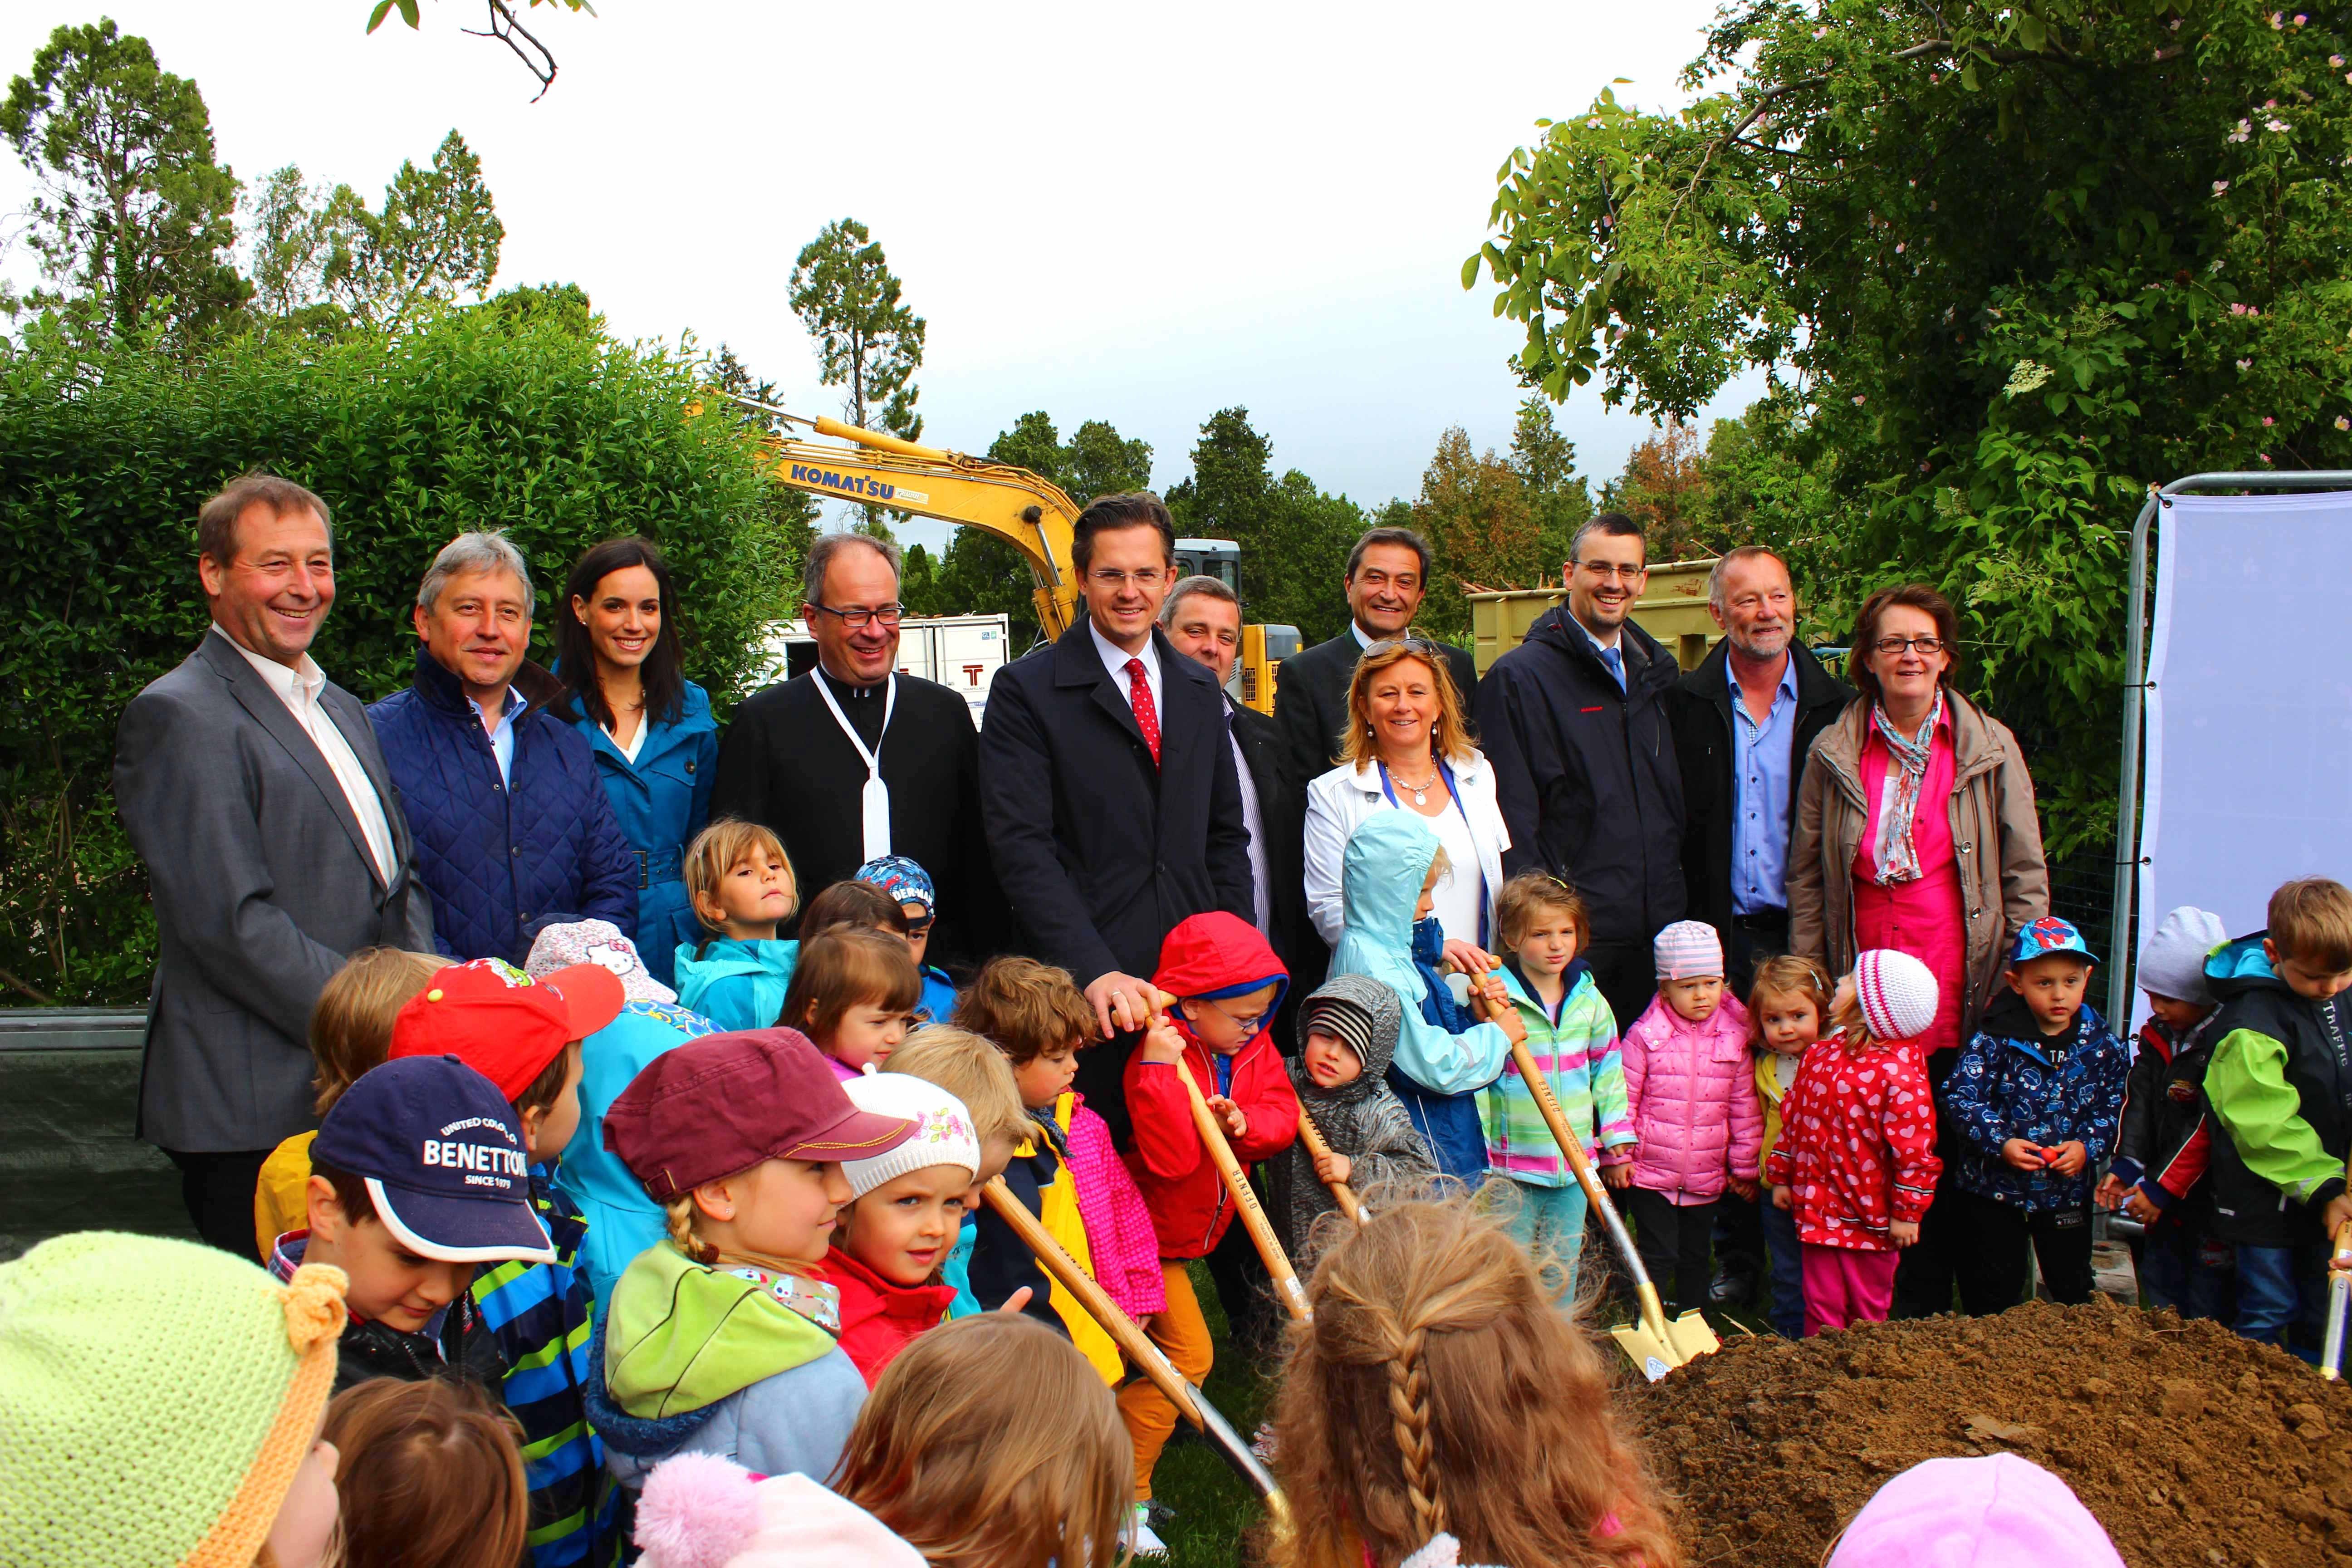 Veranstaltungen fr Kinder in 3400 Klosterneuburg - huggology.com